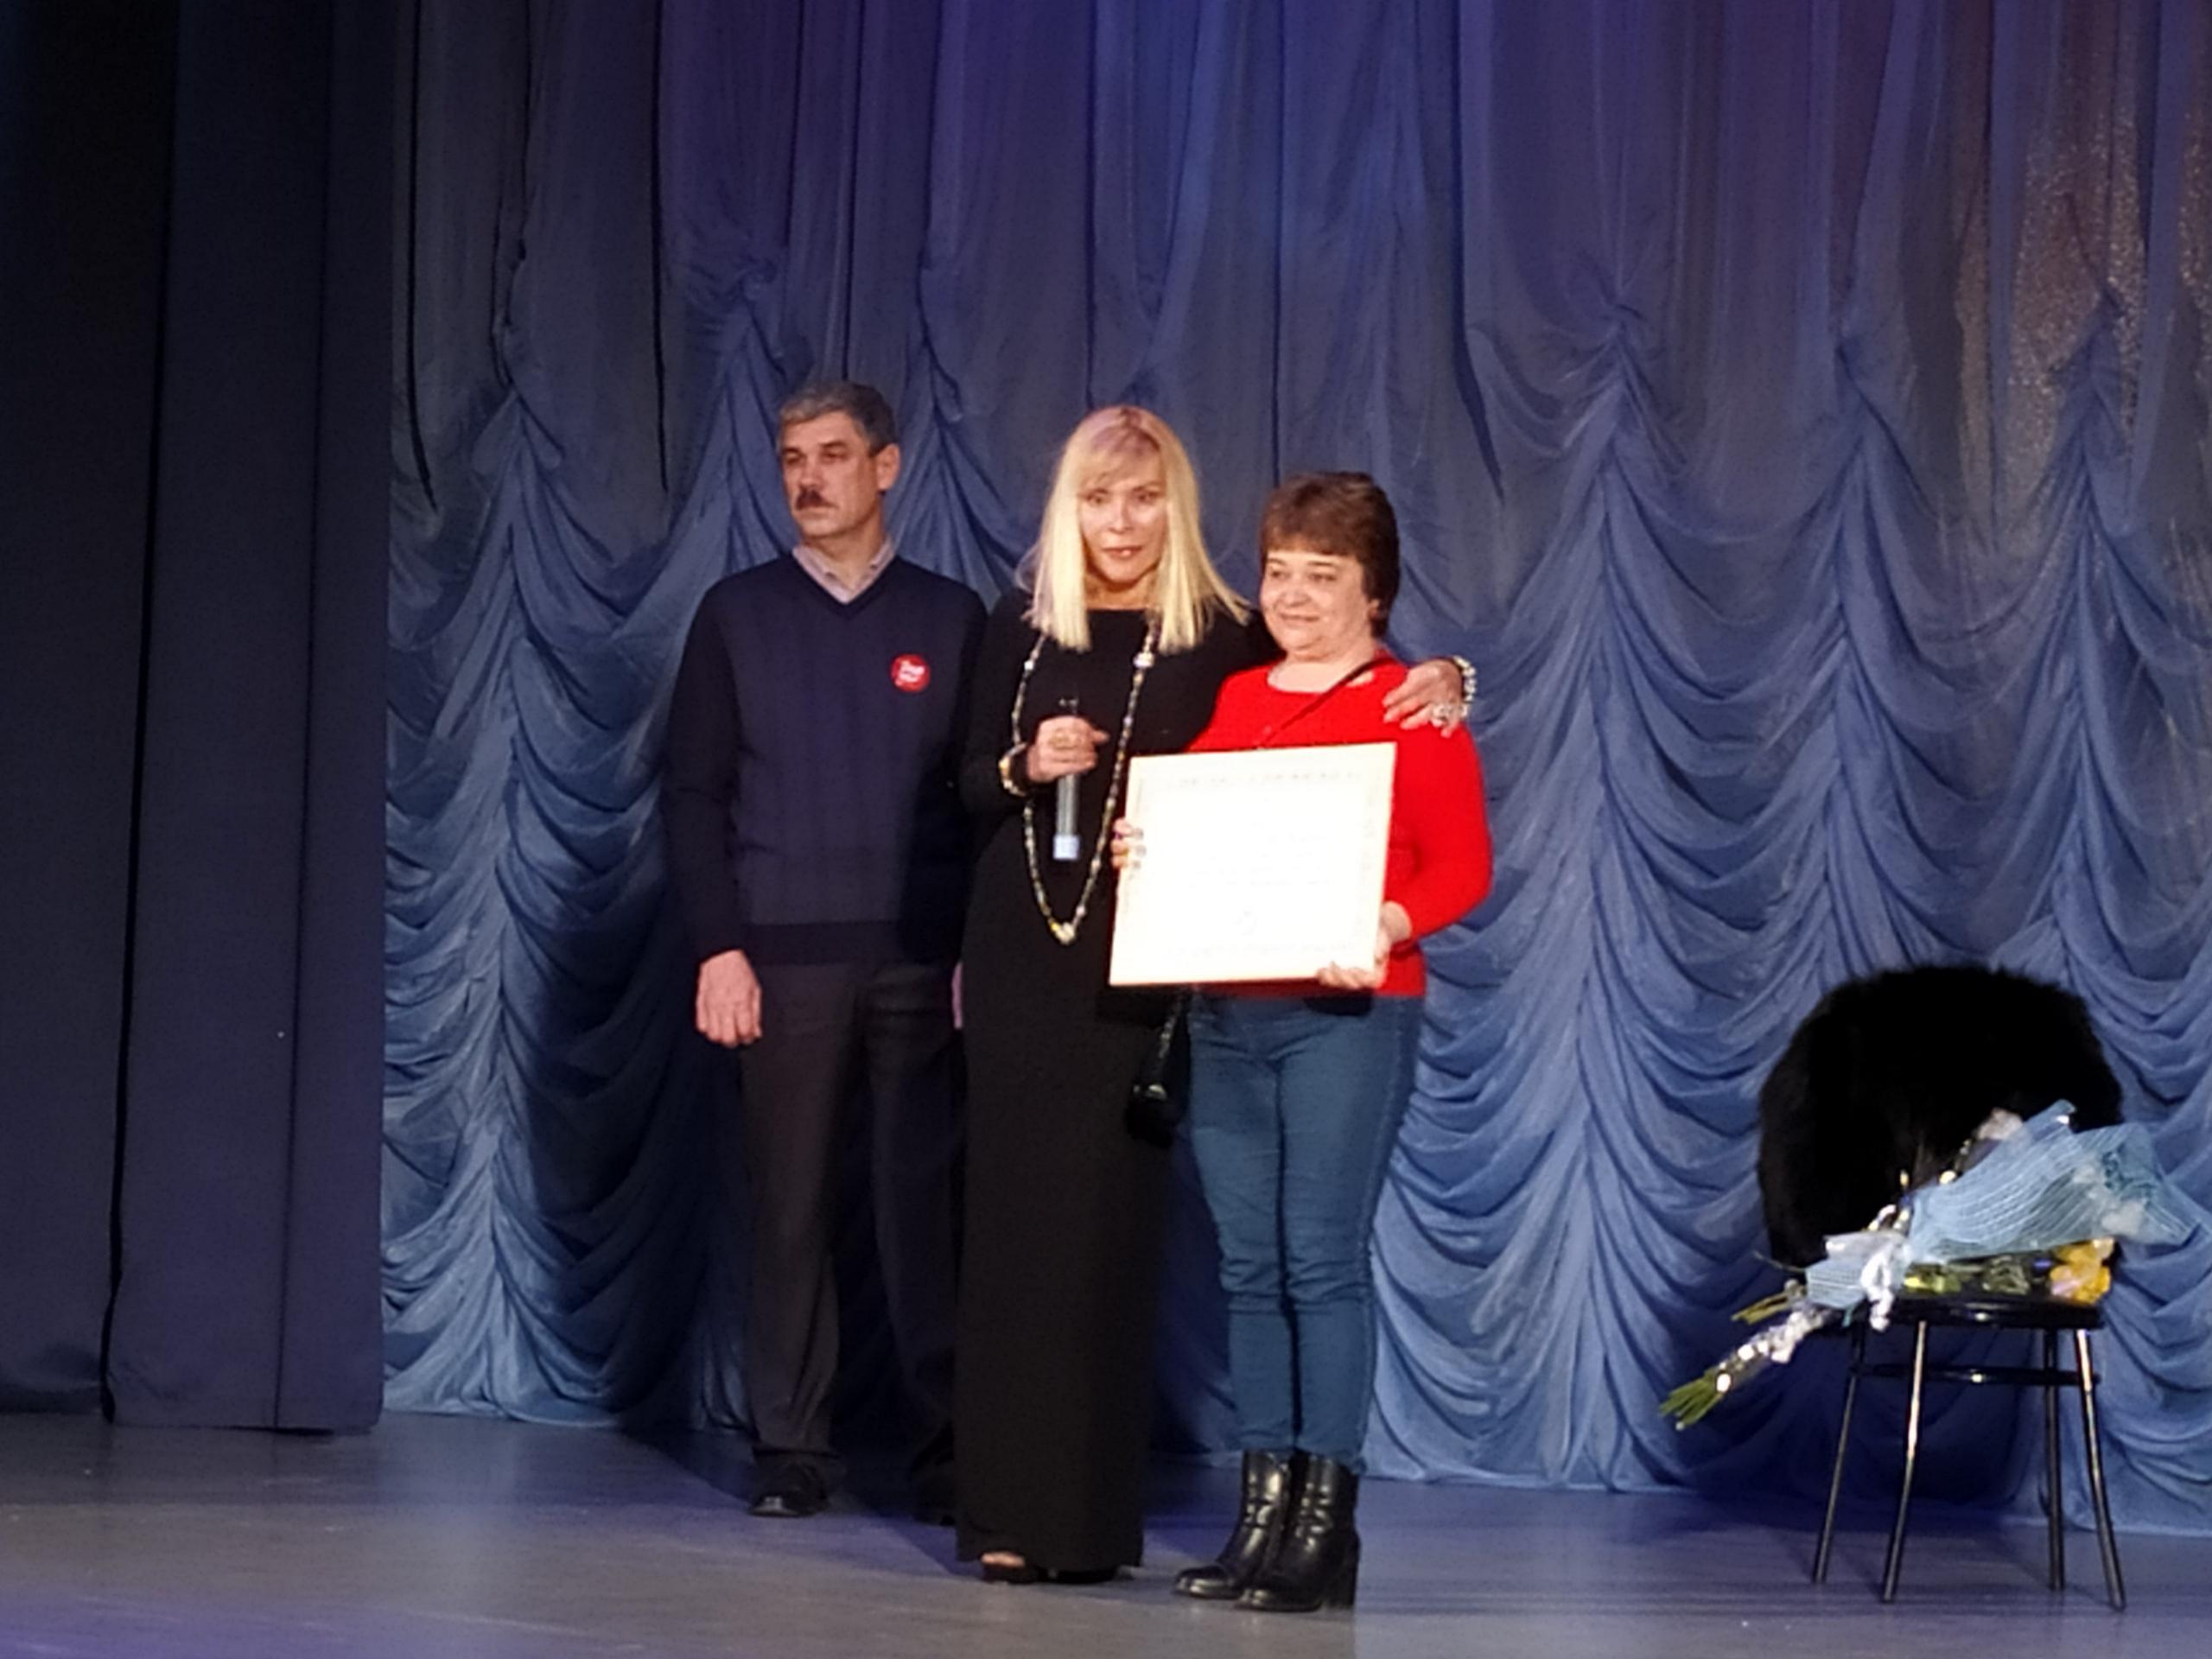 23 октября совместно с  фондом «ДАР» прошел благотворительный концерт Татьяны Тишинской в помощь маленькому балашихинцу Андрею Гук.